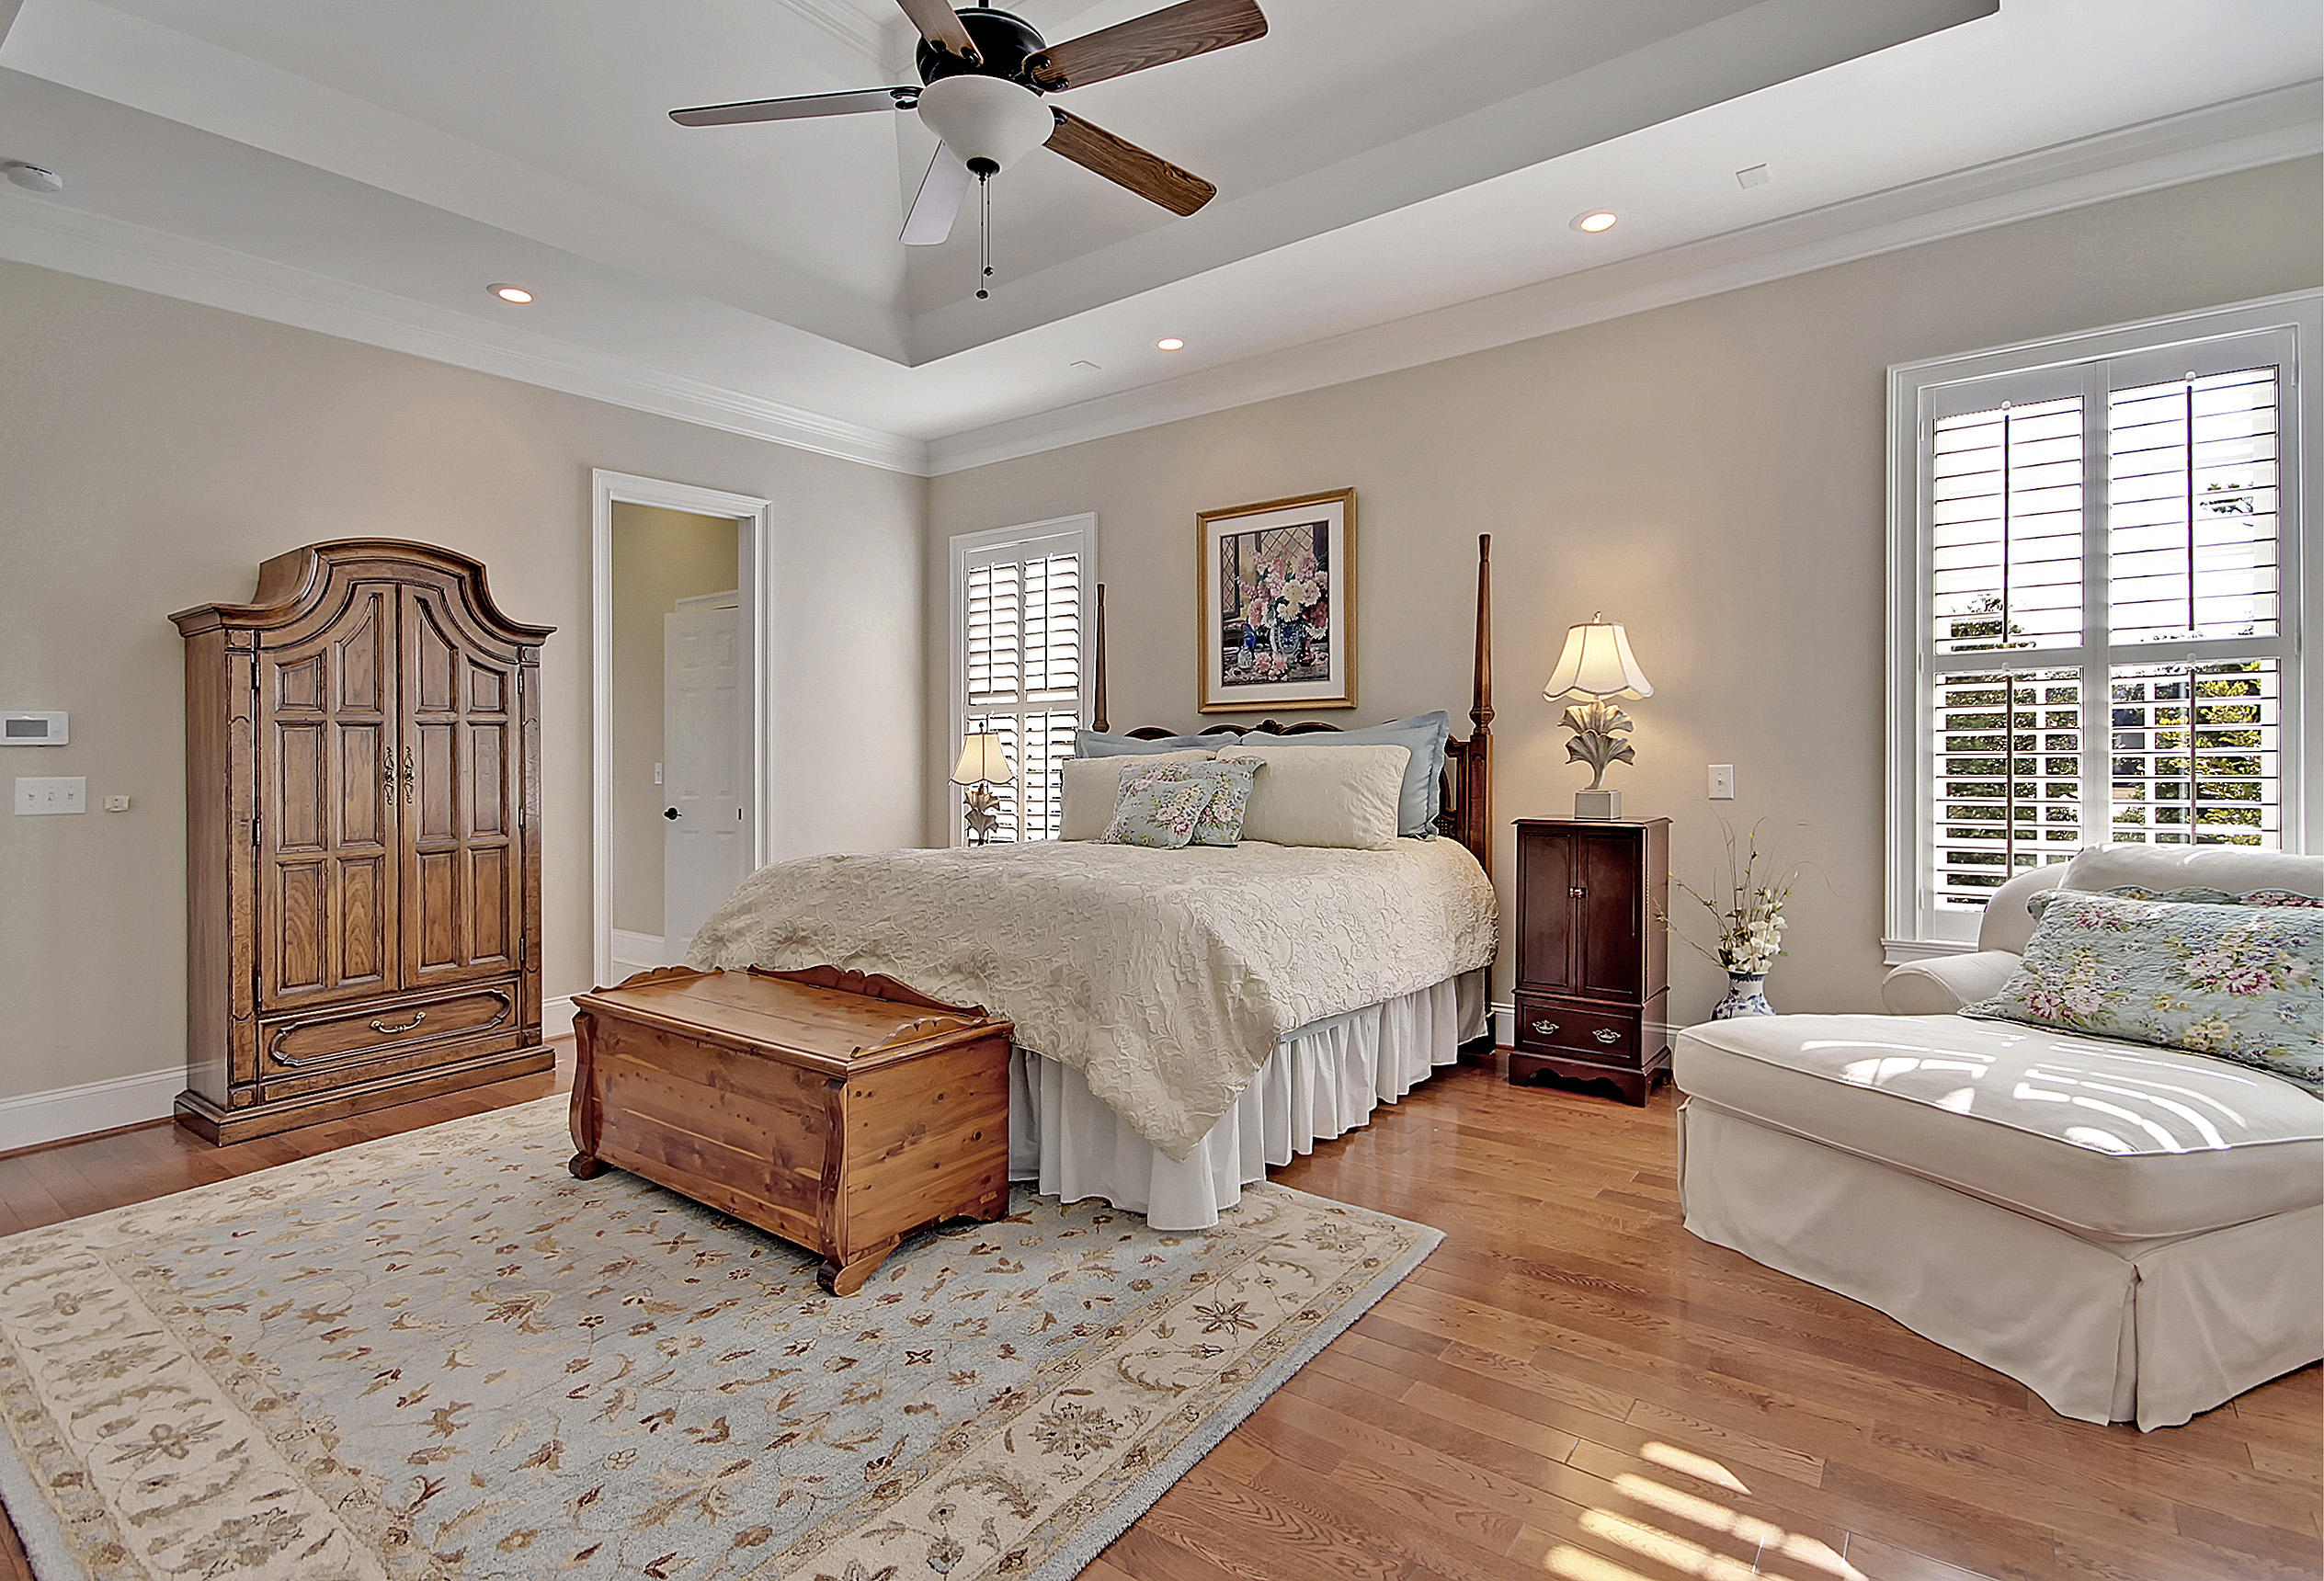 Dunes West Homes For Sale - 2721 Fountainhead, Mount Pleasant, SC - 1